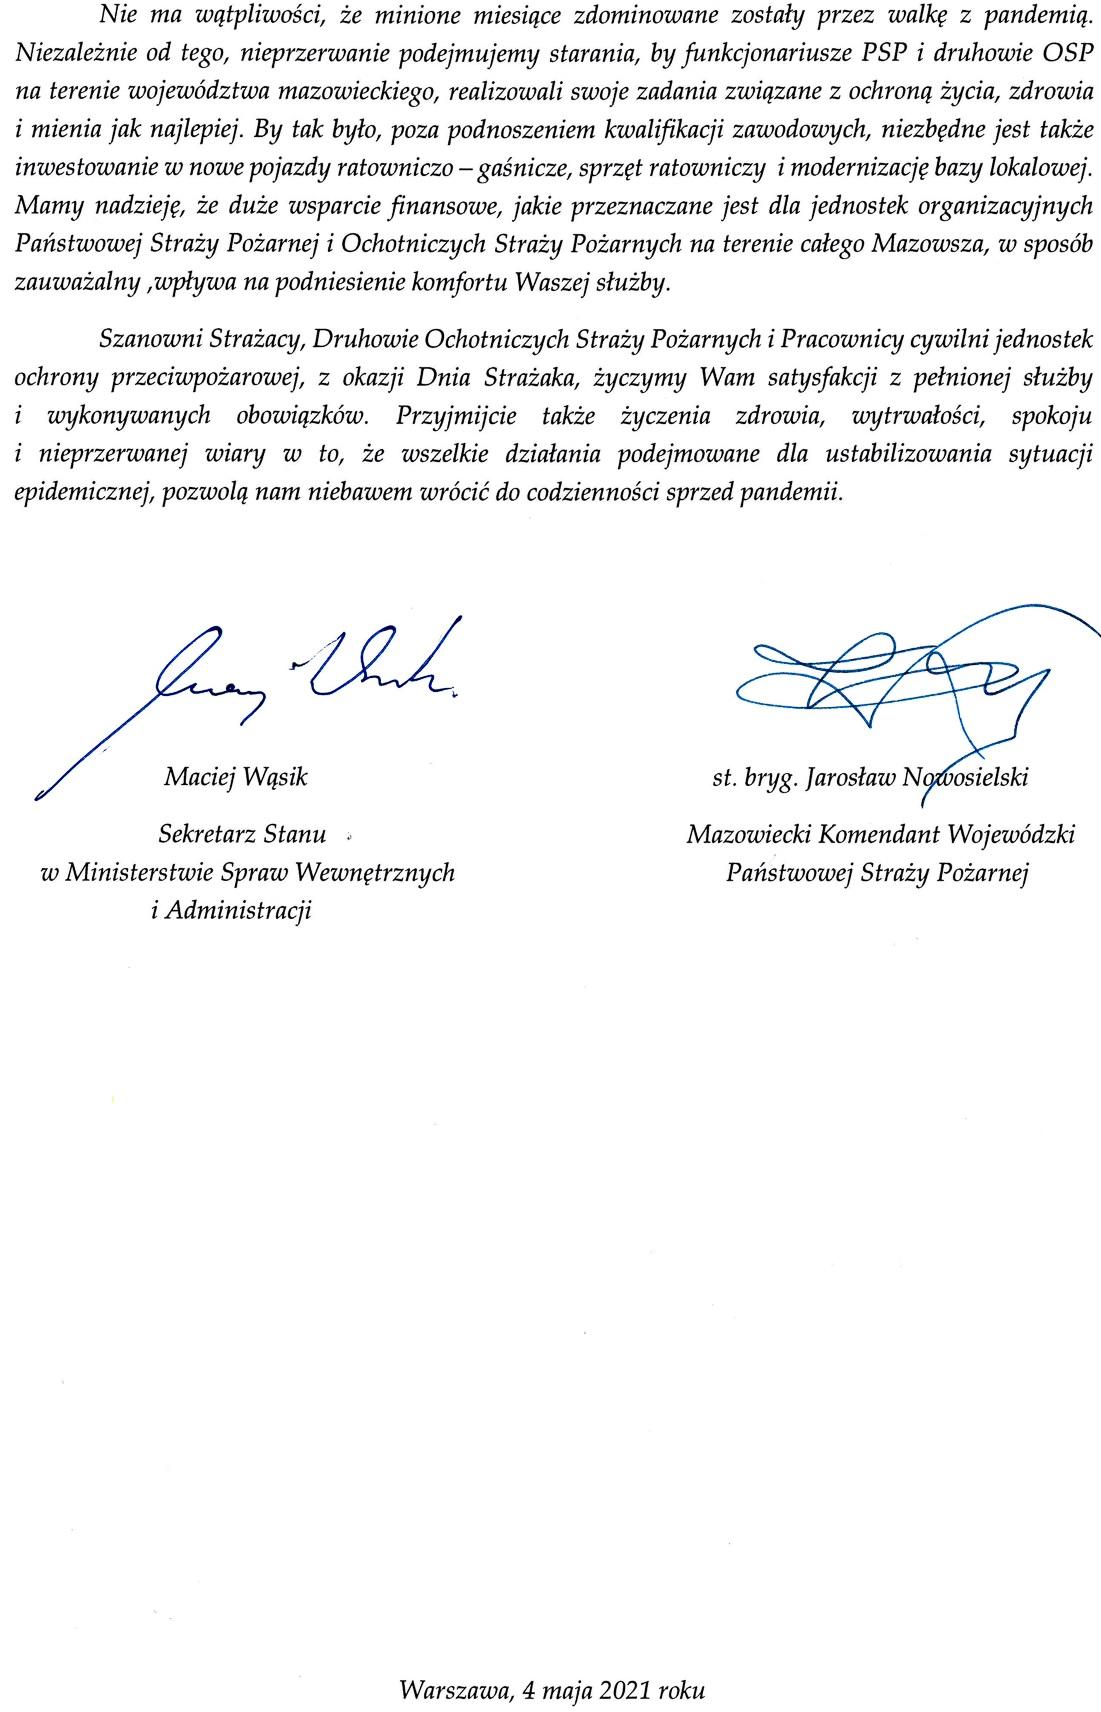 Życzenia Wiceministra Spraw Wewnętrznych i Administracji oraz Mazowieckiego Komendanta Wojewódzkiego PSP z okazji Dnia Strażaka